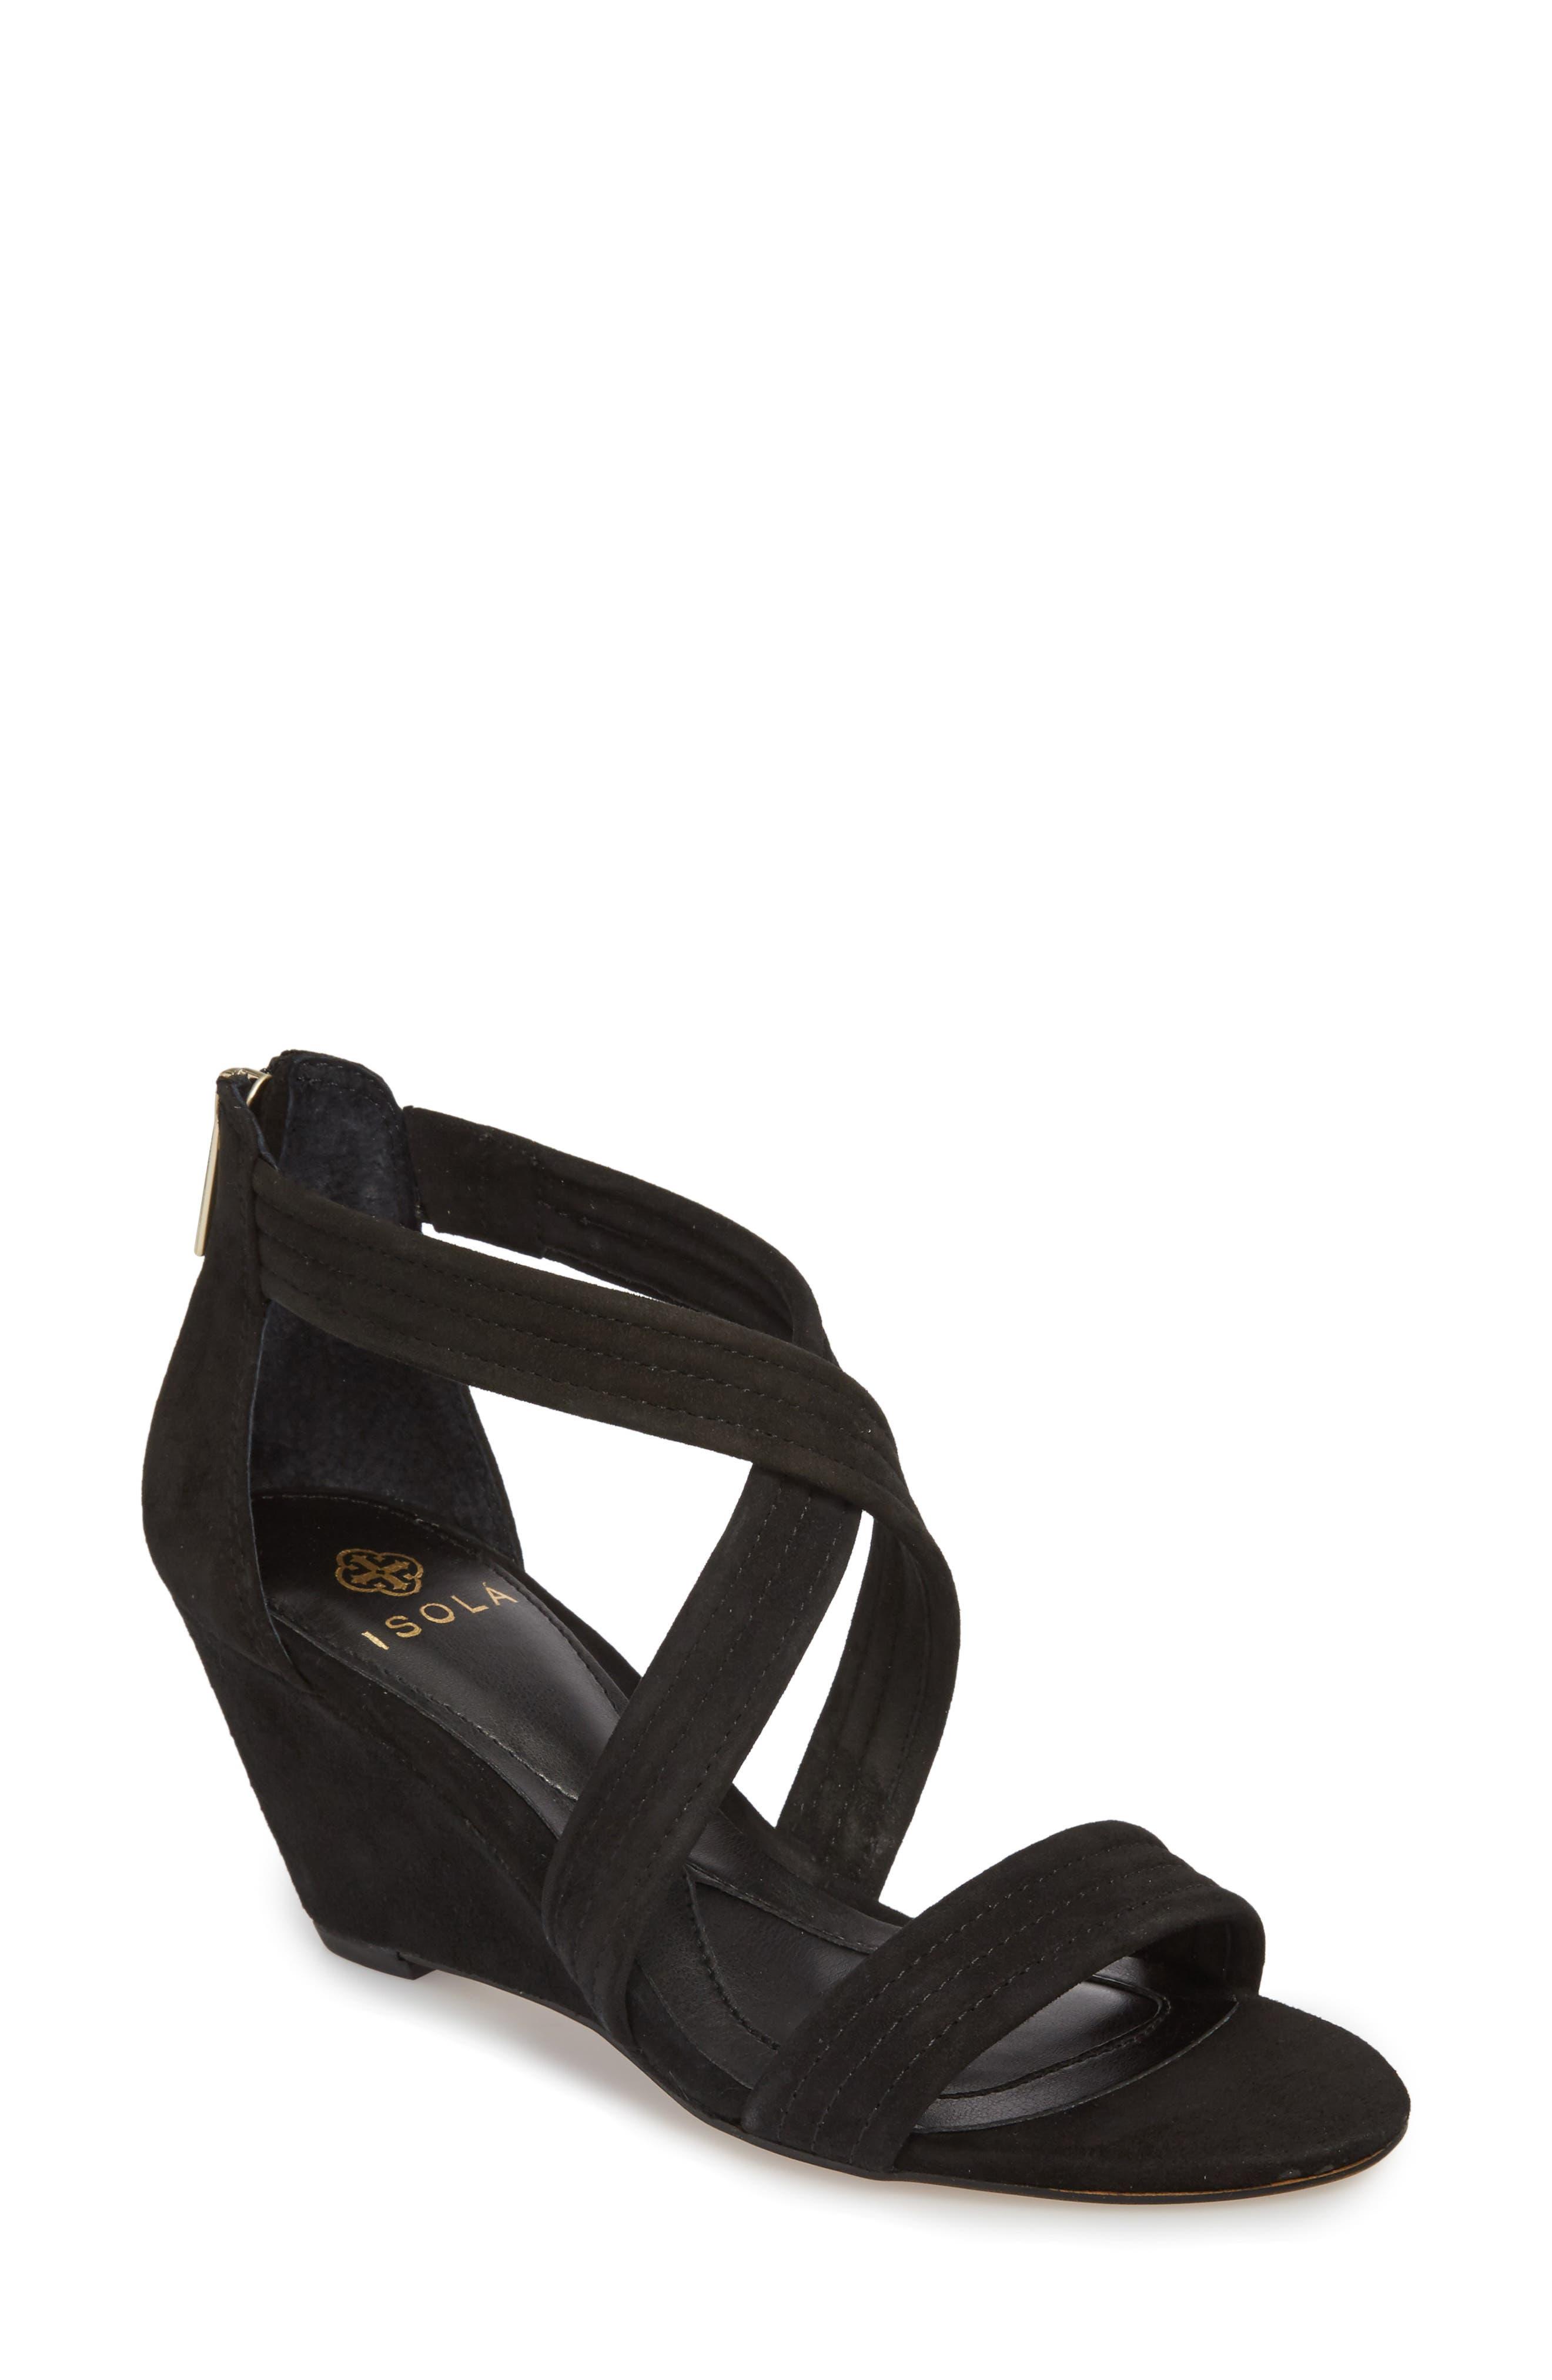 Fia Wedge Sandal,                             Main thumbnail 1, color,                             BLACK SUEDE